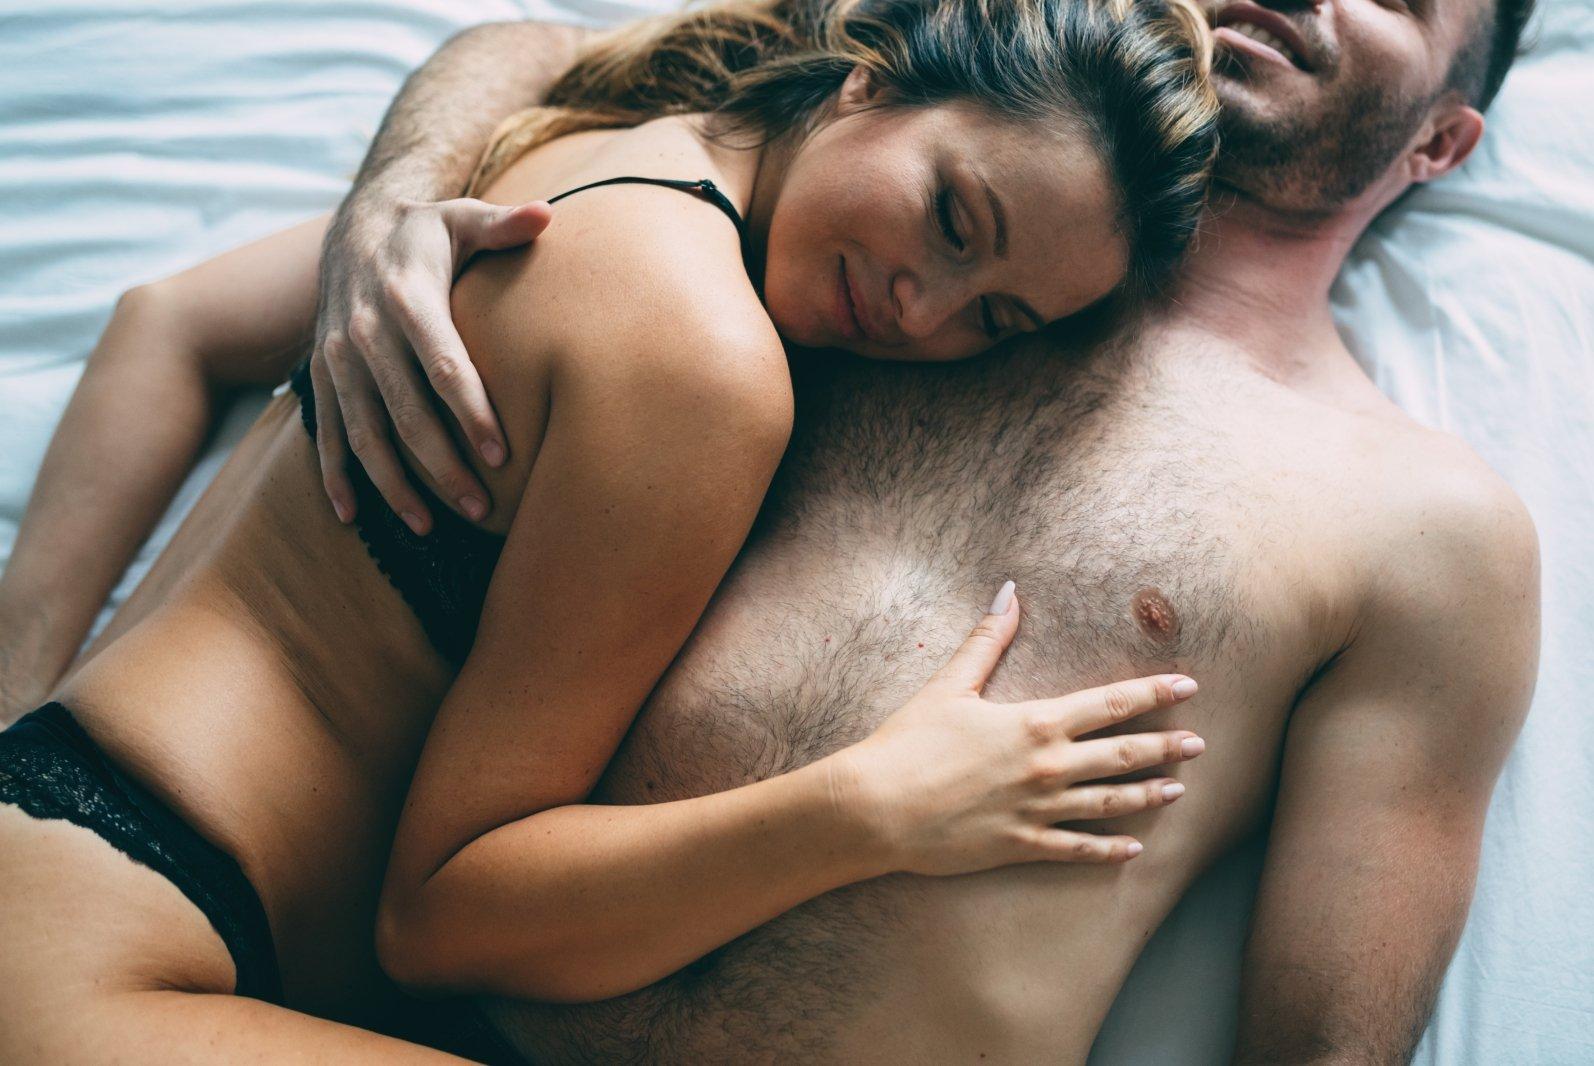 Sekso narys sumazejo, kas gali buti Kaip padidinti sekso dick video tikrai